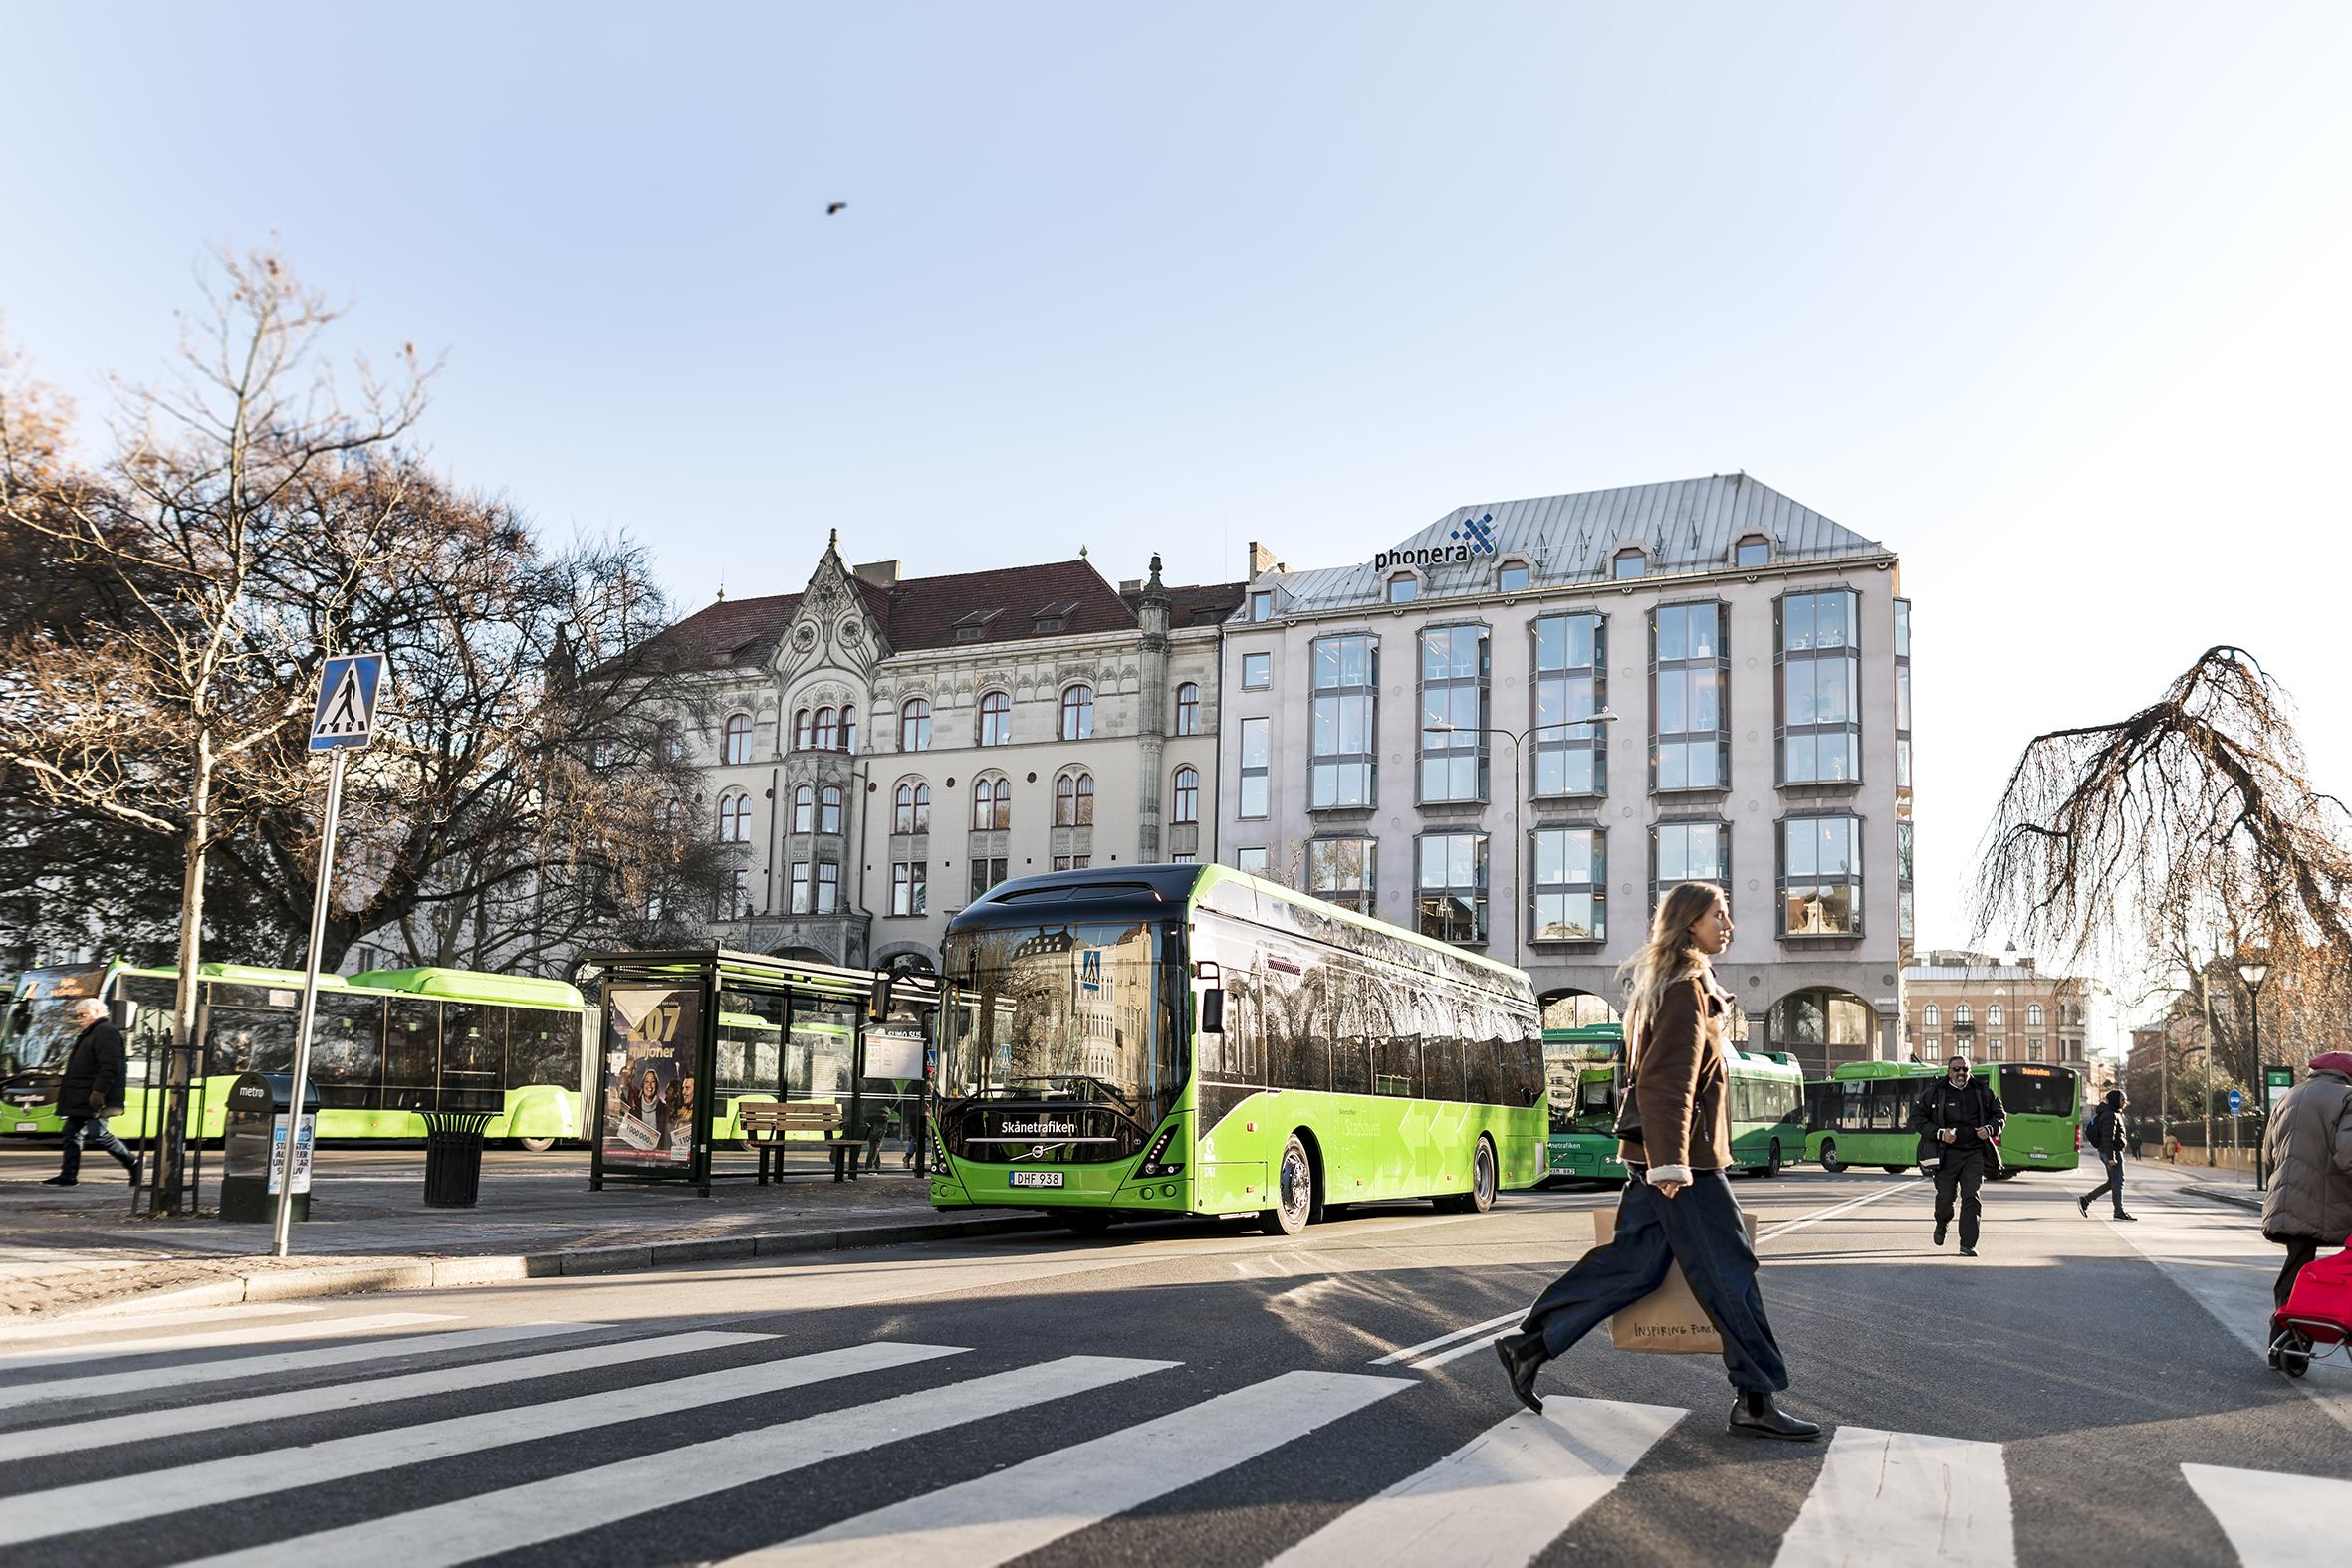 Volvo vende cuatro autobuses eléctricos a Uddevalla